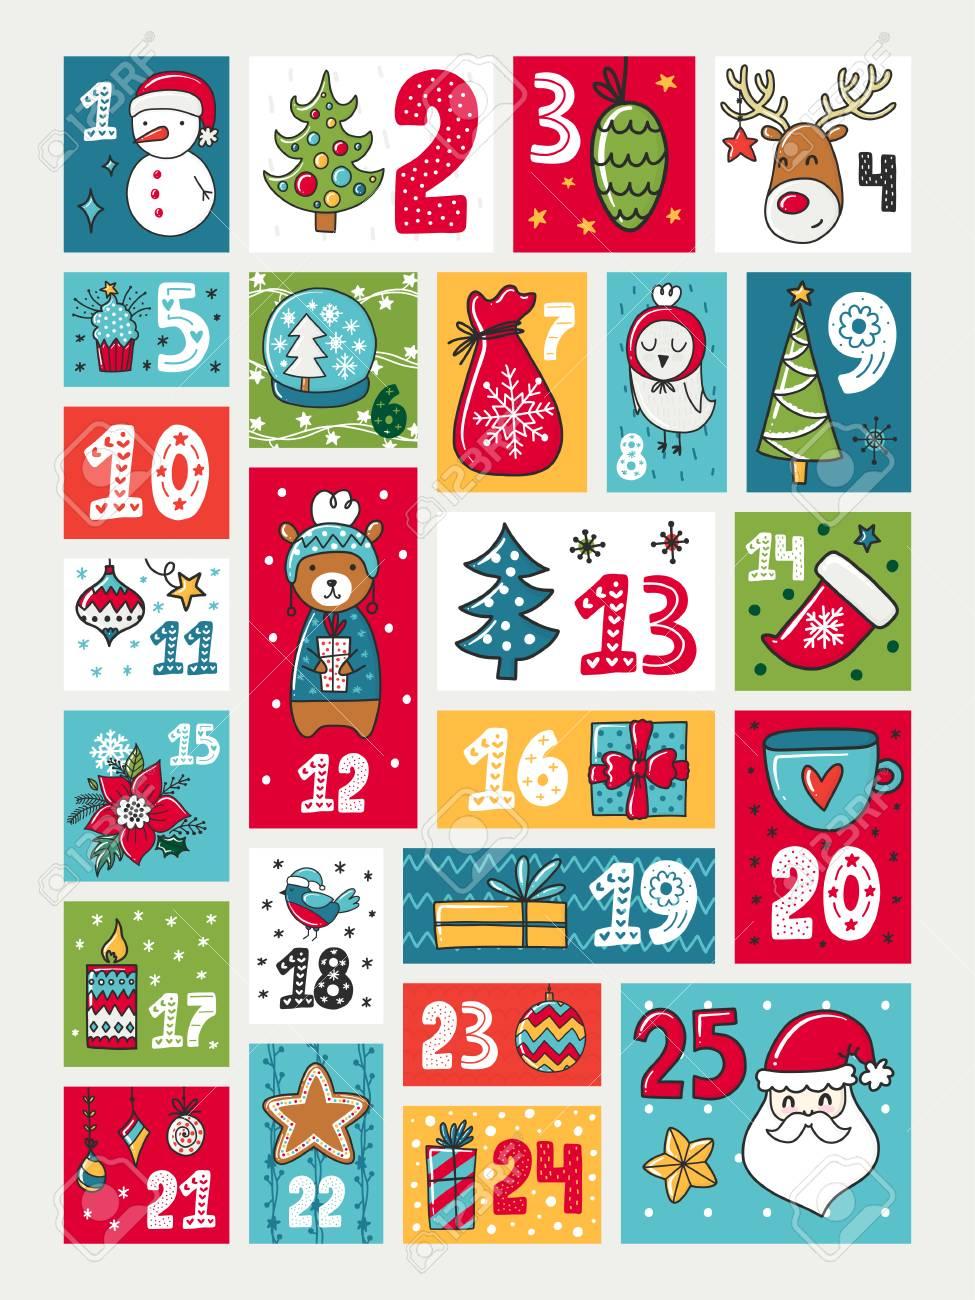 Calendario De Adviento Colorido Ilustracion Con Decoraciones Y - Calendario-de-adviento